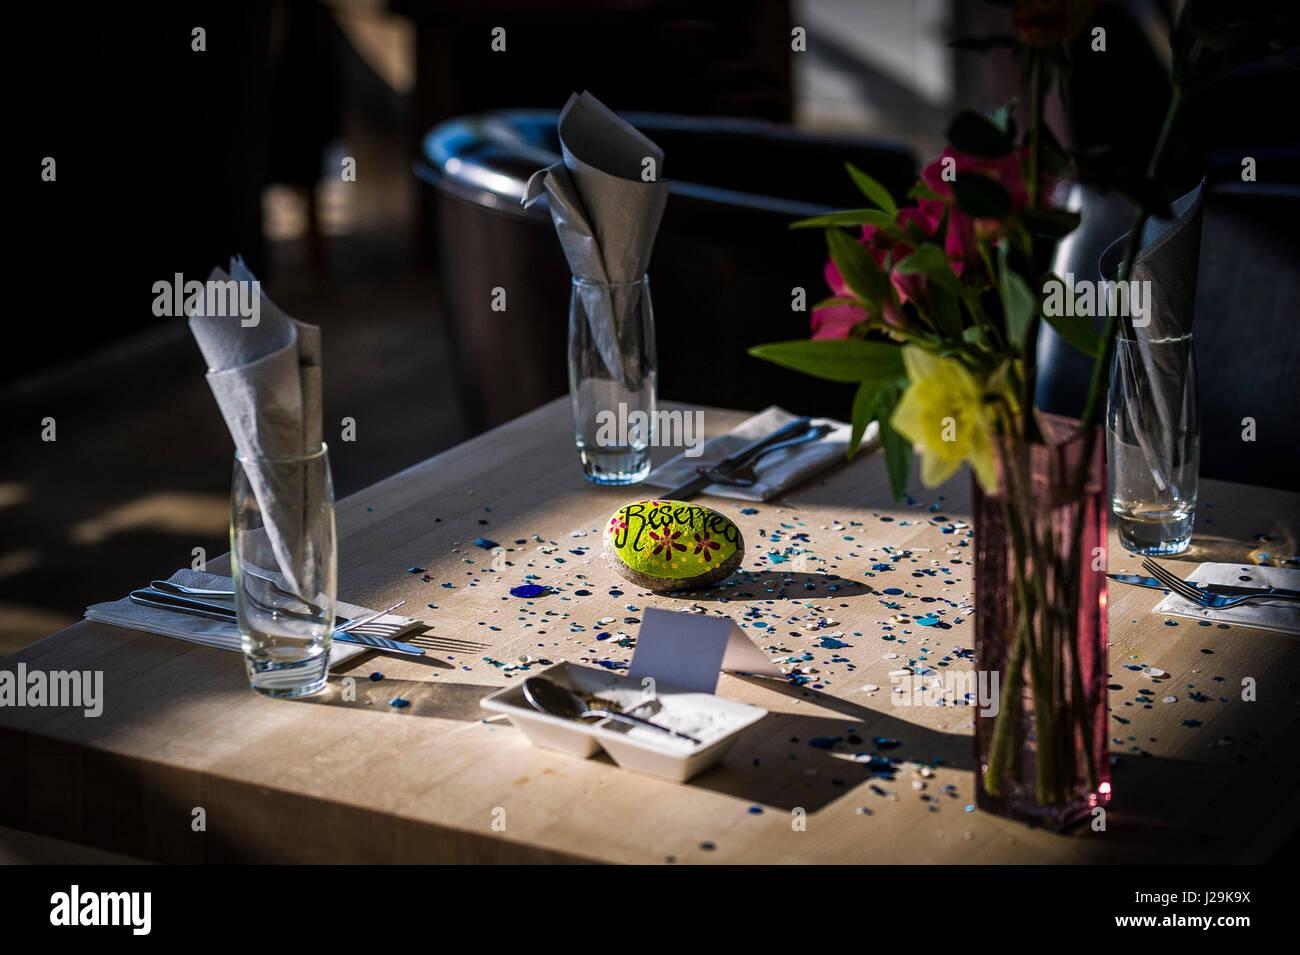 Restaurant Interior reservierten Zeichen Tabelle tabelle Anordnung Dining Erlebnis Bistro atmosphärischen Stockbild